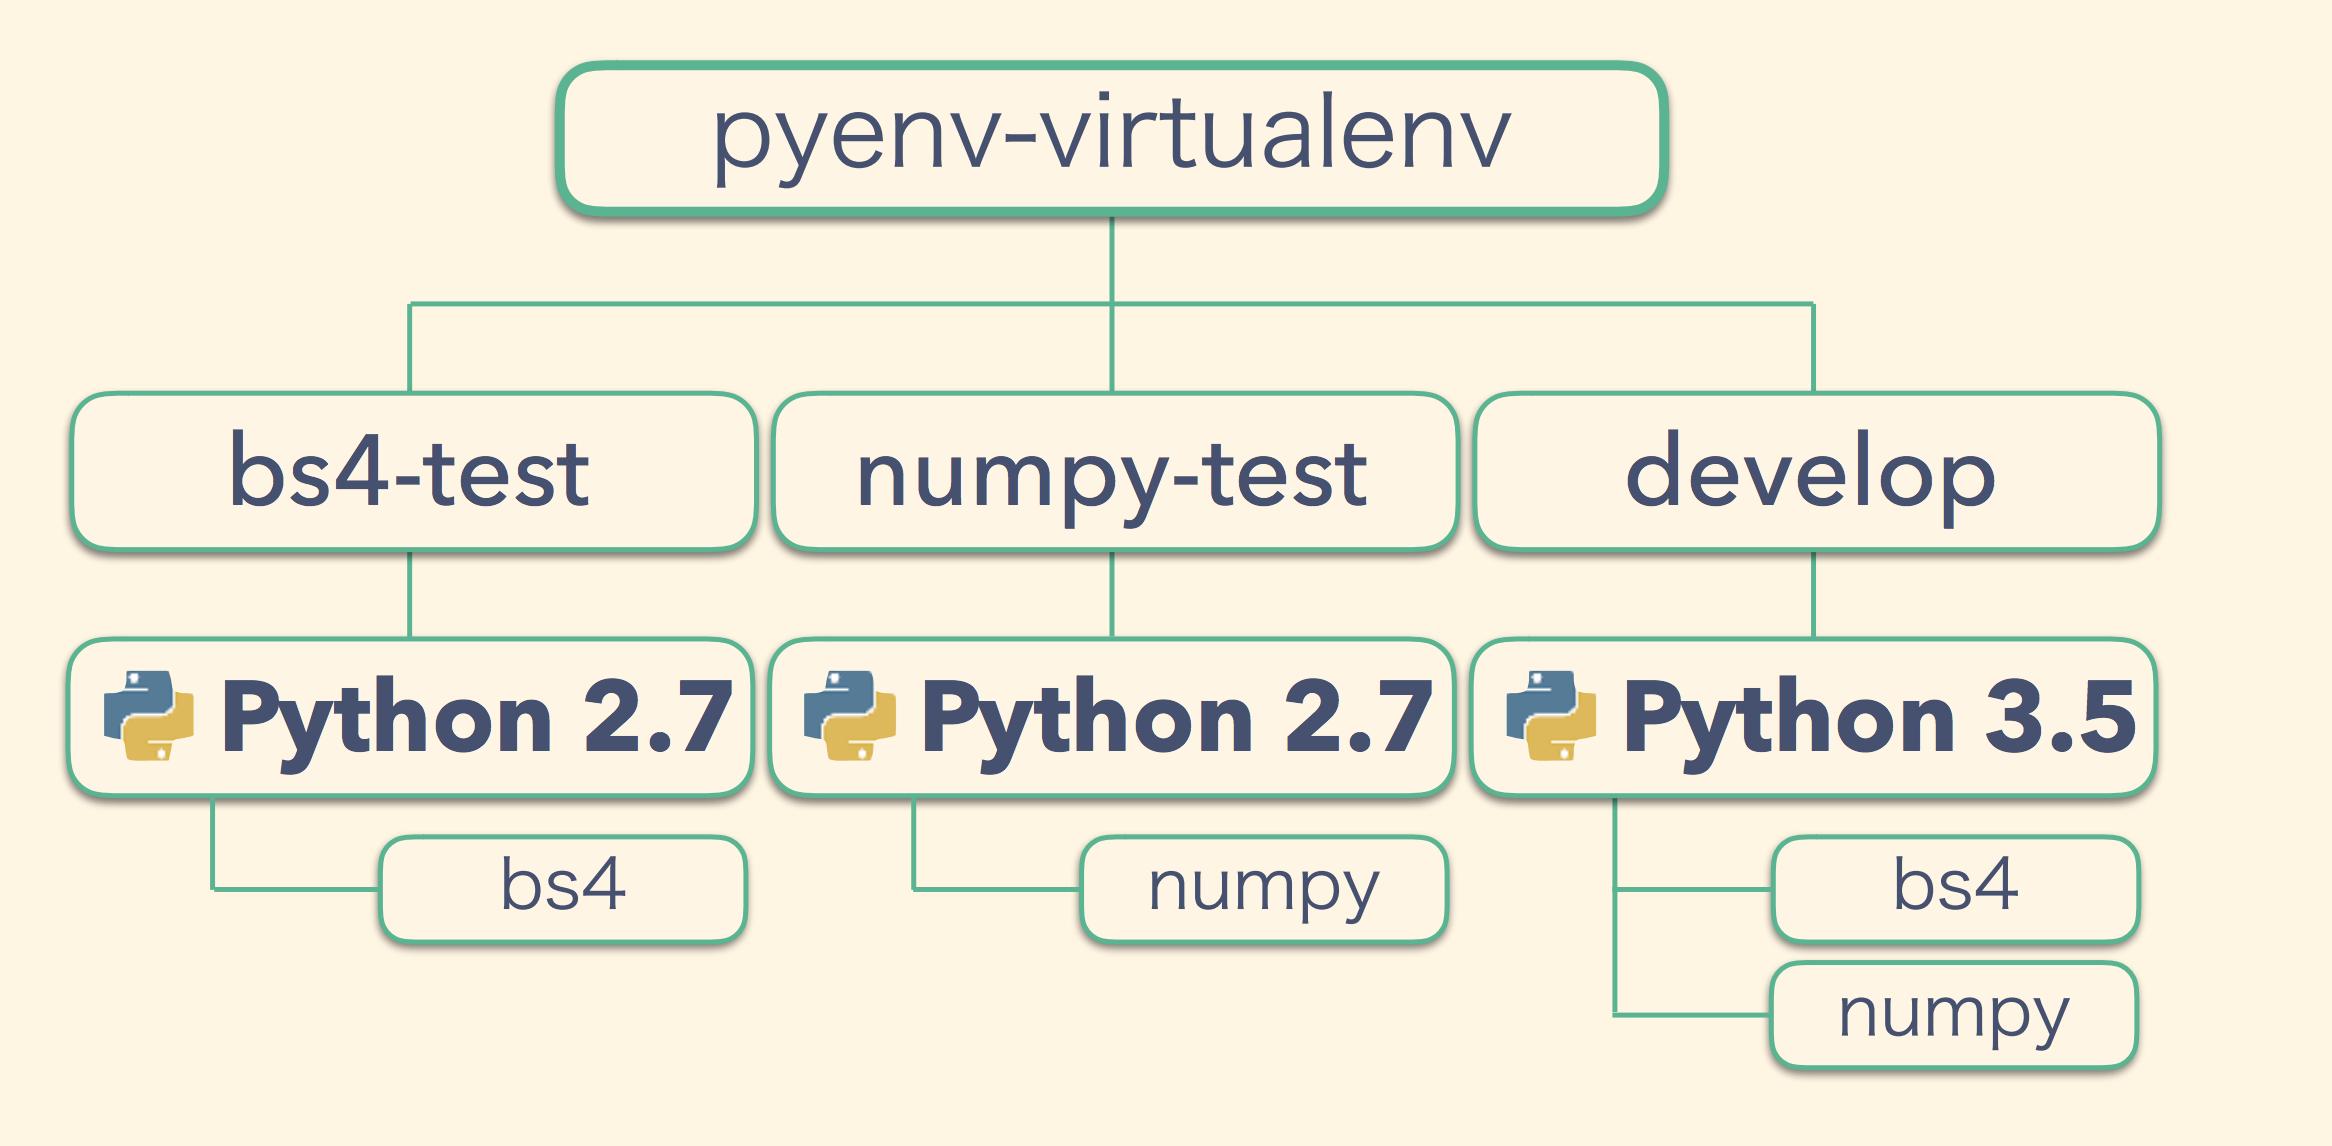 pyenv-virtualenv.png